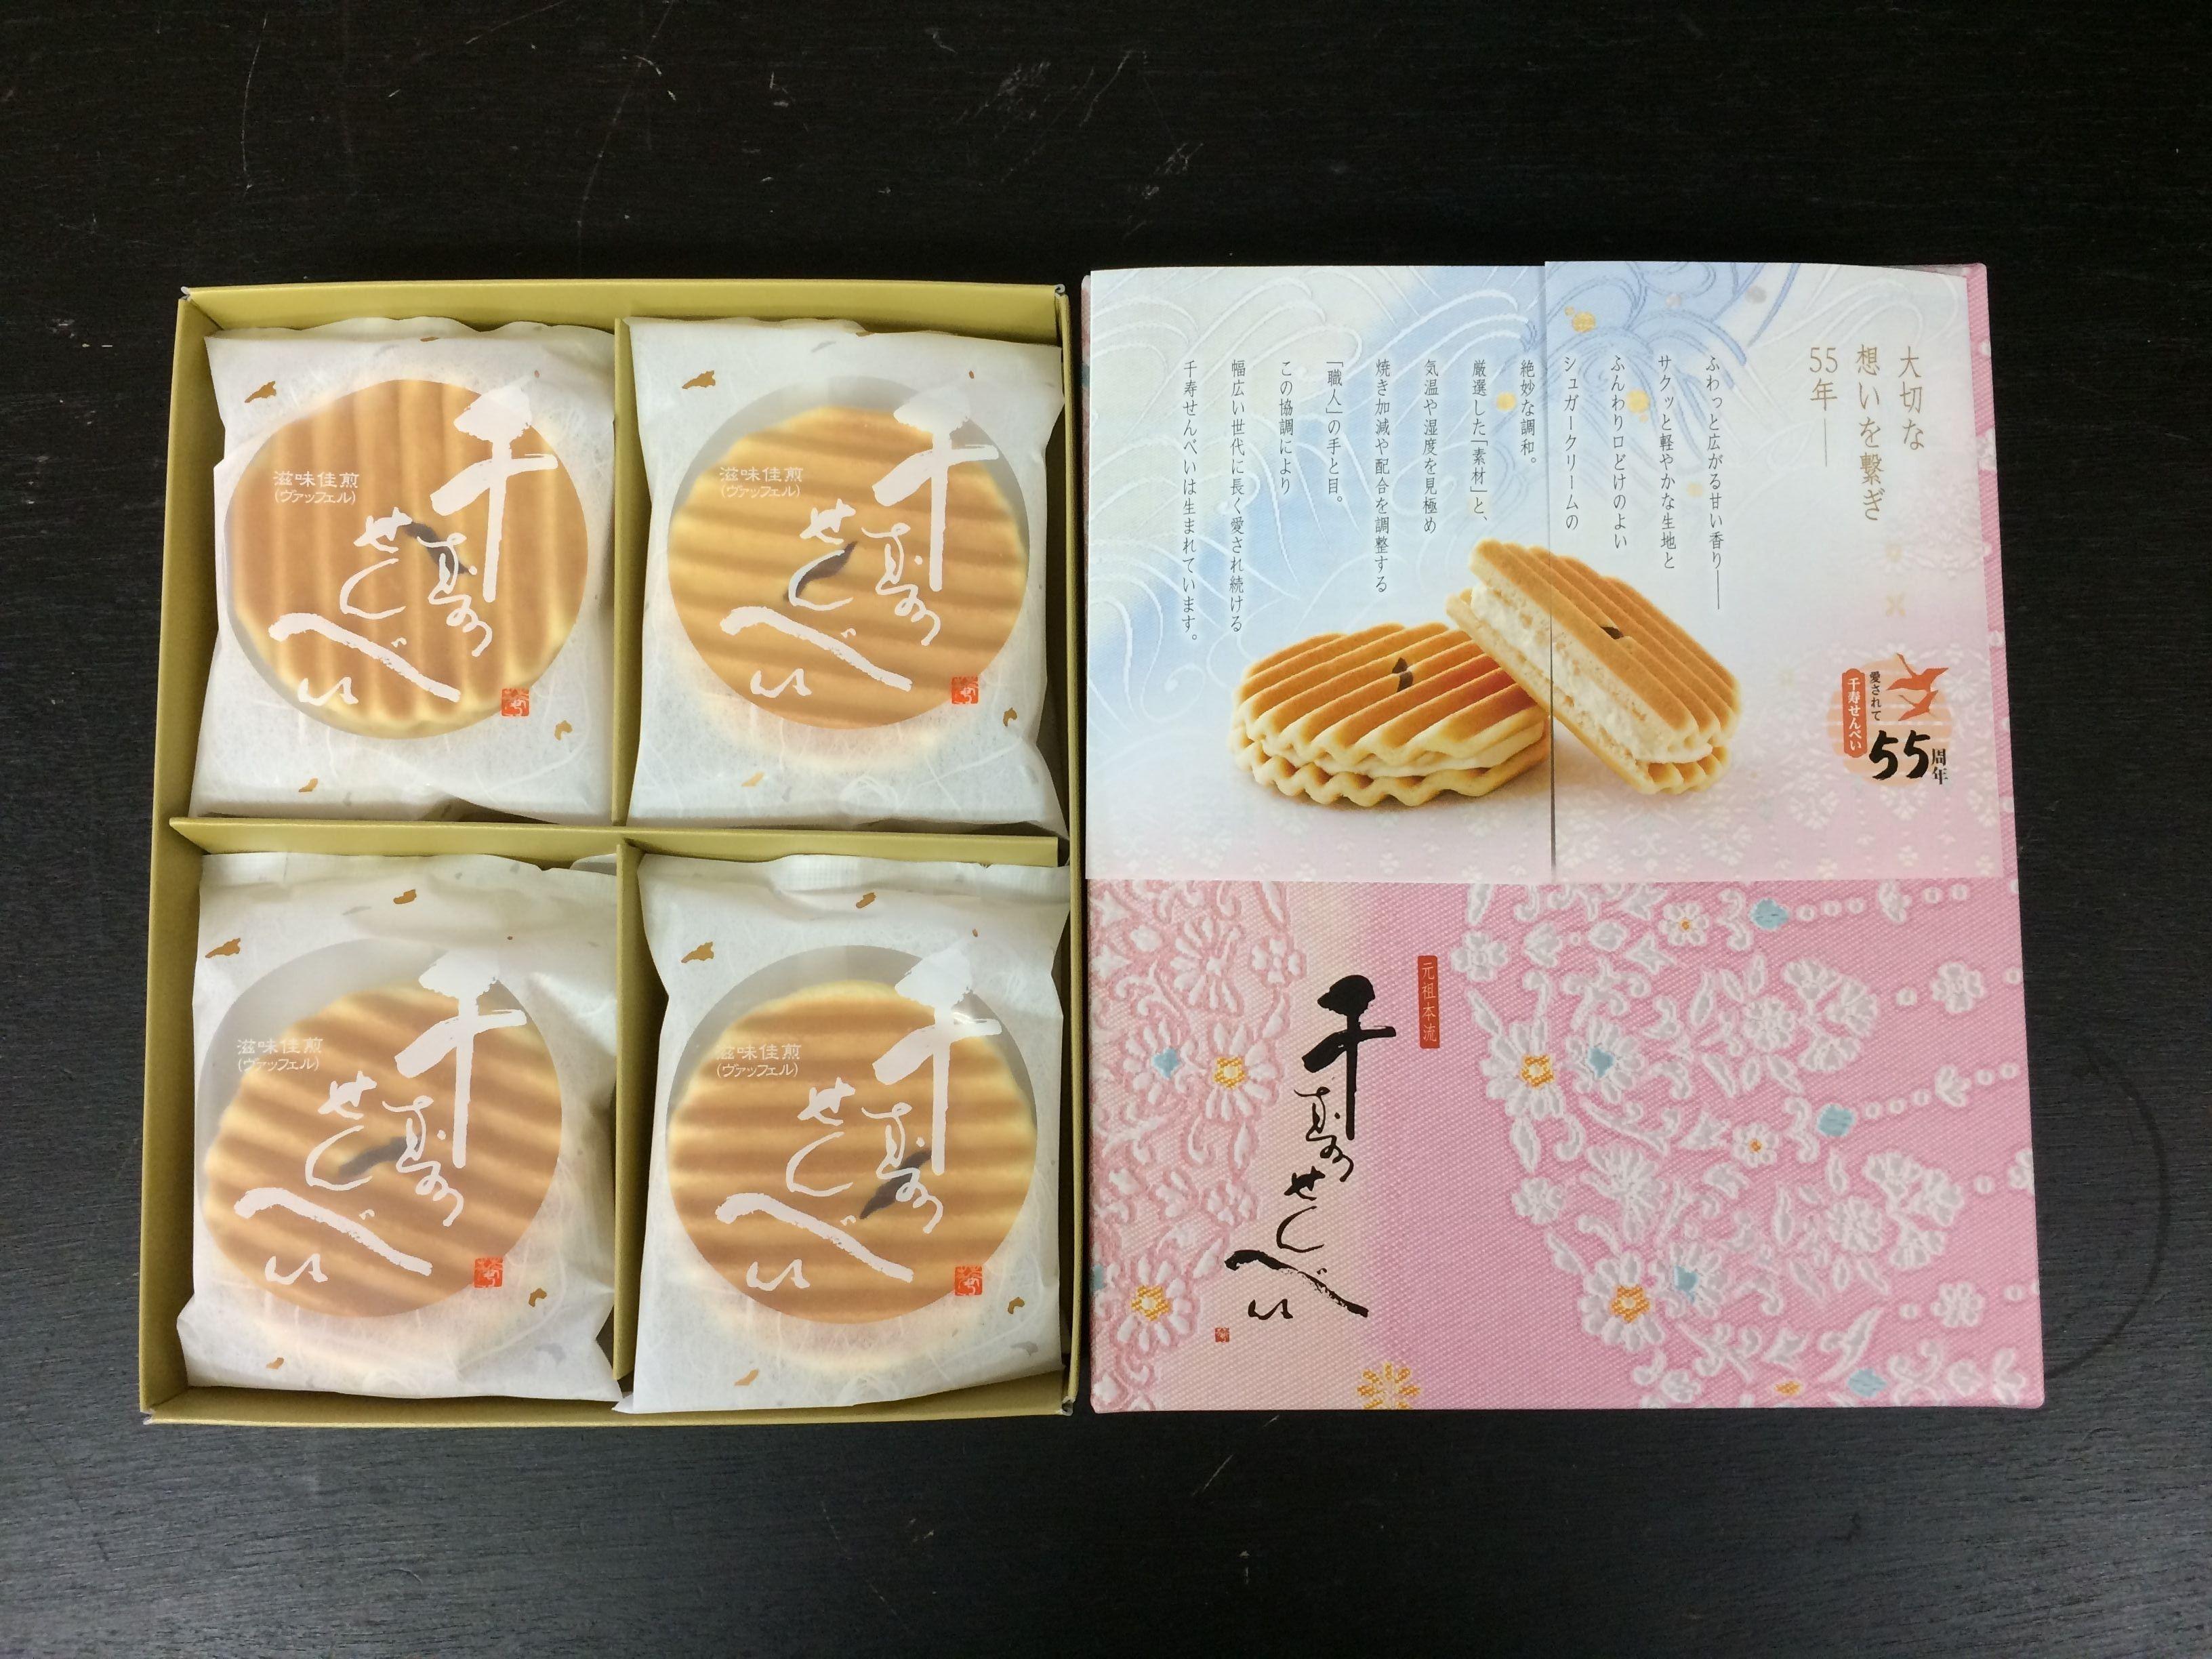 M様から頂いただいた京菓子・鼓月の「千寿せんべい」